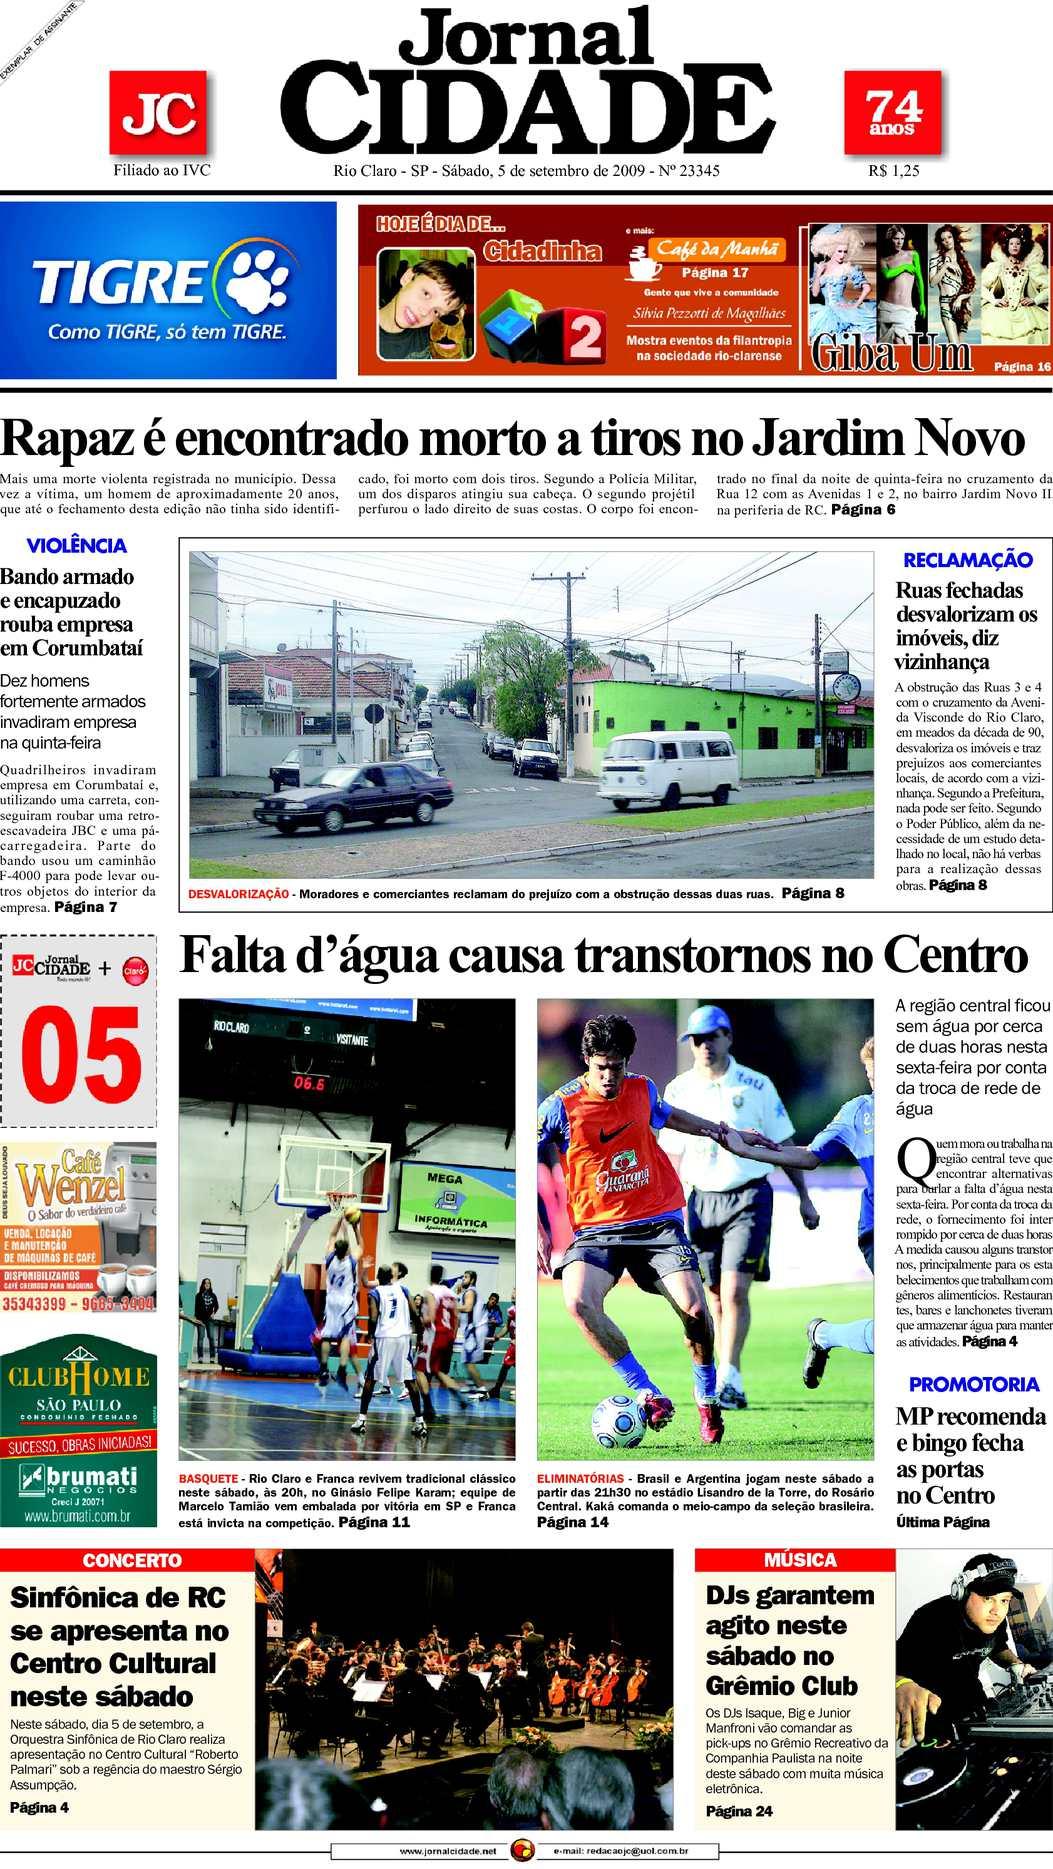 4bc26d0bb7d57 Calaméo - Jornal Cidade de Rio Claro - 05 09 2009